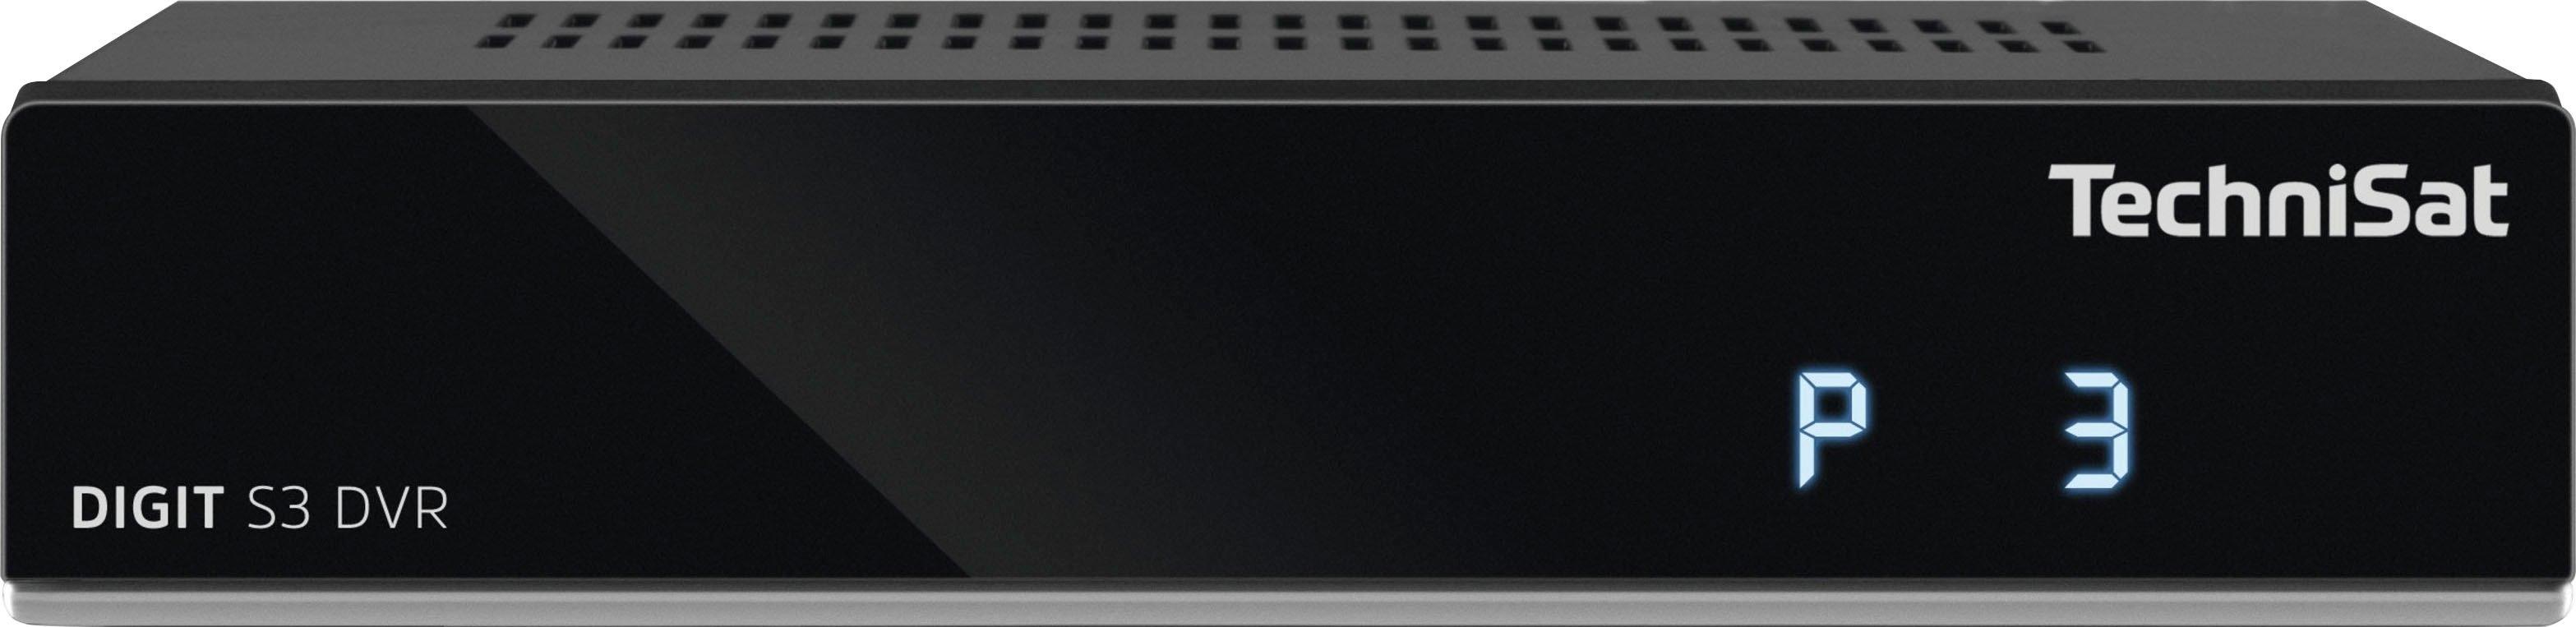 TechniSat digitale tv-ontvanger »DIGIT S3 DVR HDTV« (LAN (Ethernet)) veilig op otto.nl kopen